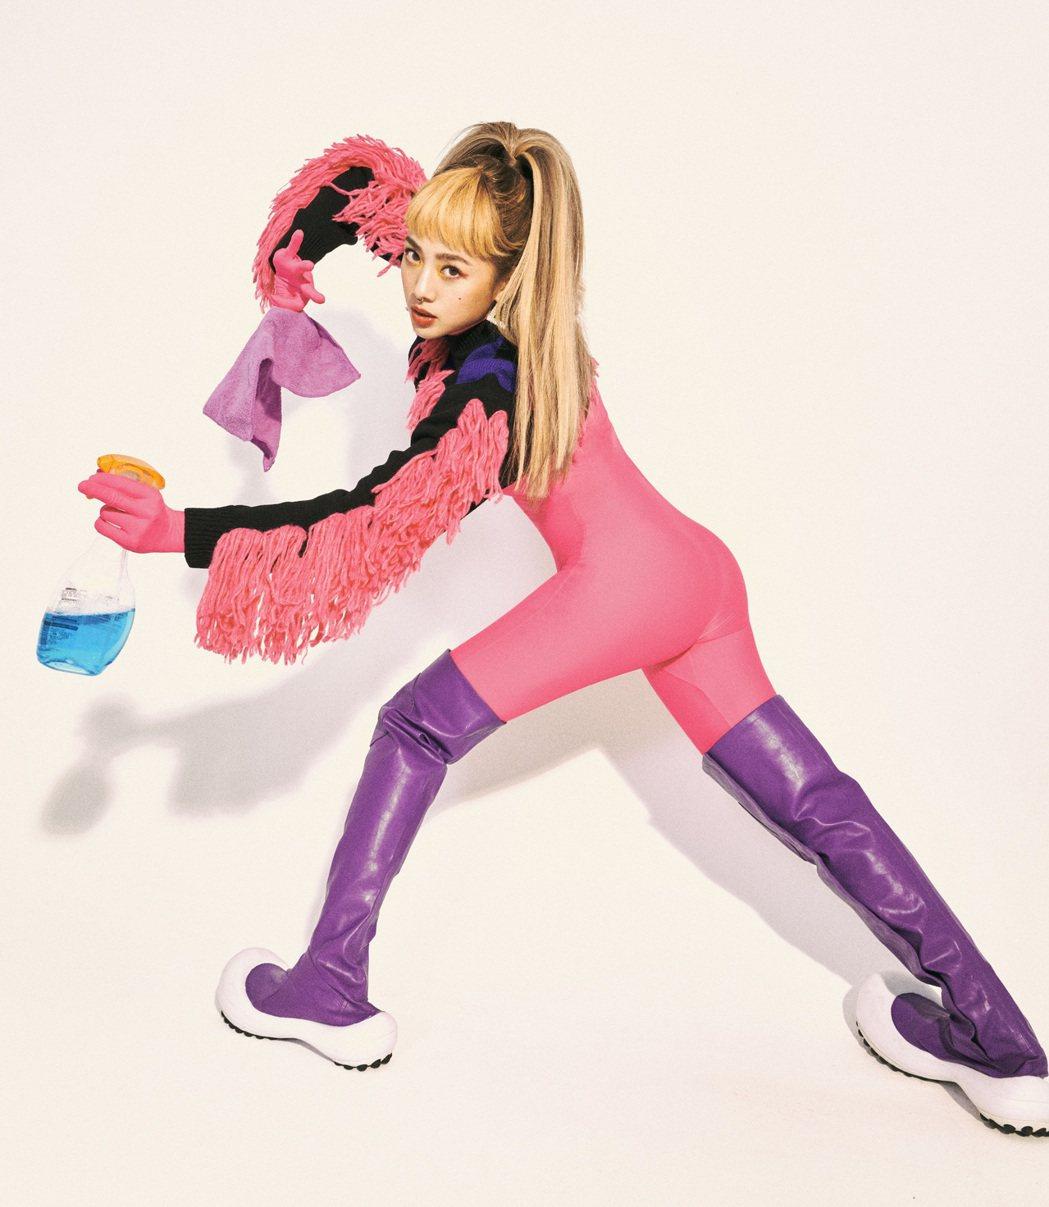 鬼鬼為新單曲「GO」化身「時尚么怪」,把打掃變時尚自爆「女僕命」。圖/愛貝克思提